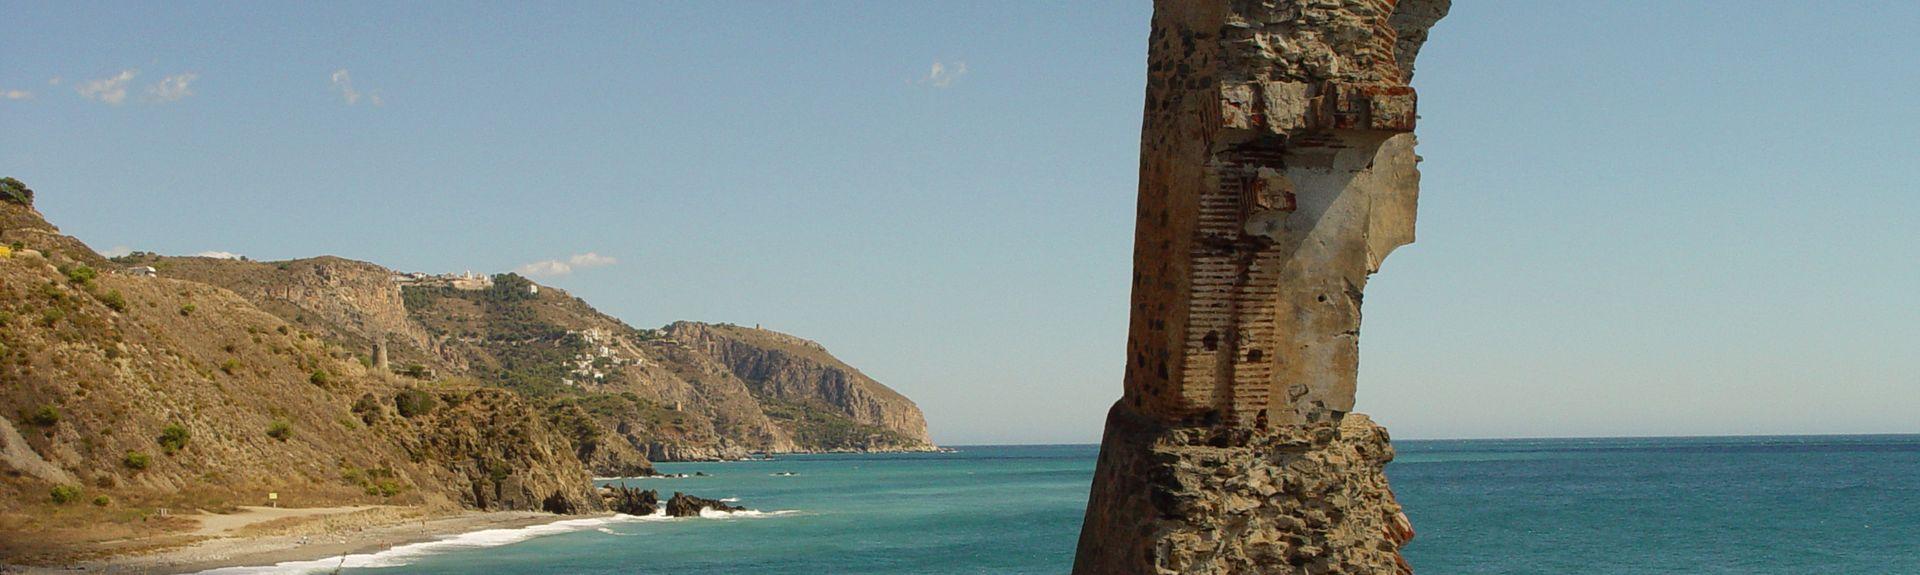 Acapulco Playa, Andalusien, Spanien